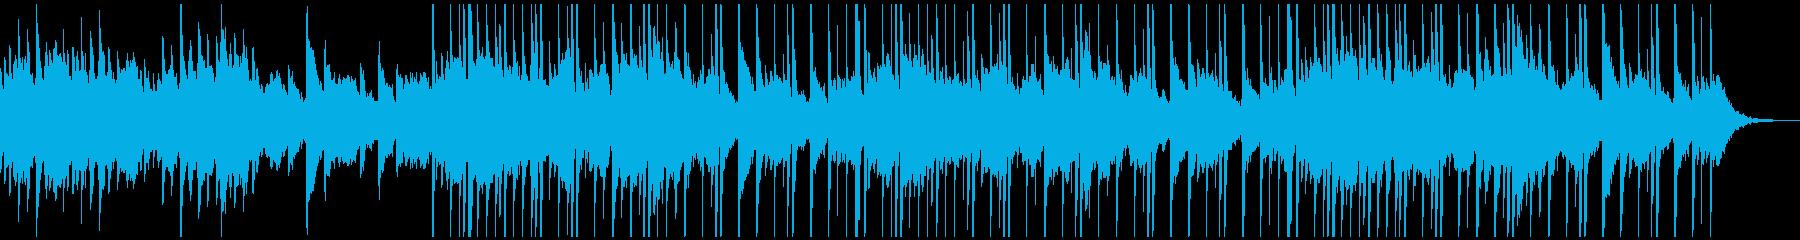 夜をイメージしたピアノ+アコギ+シンセの再生済みの波形